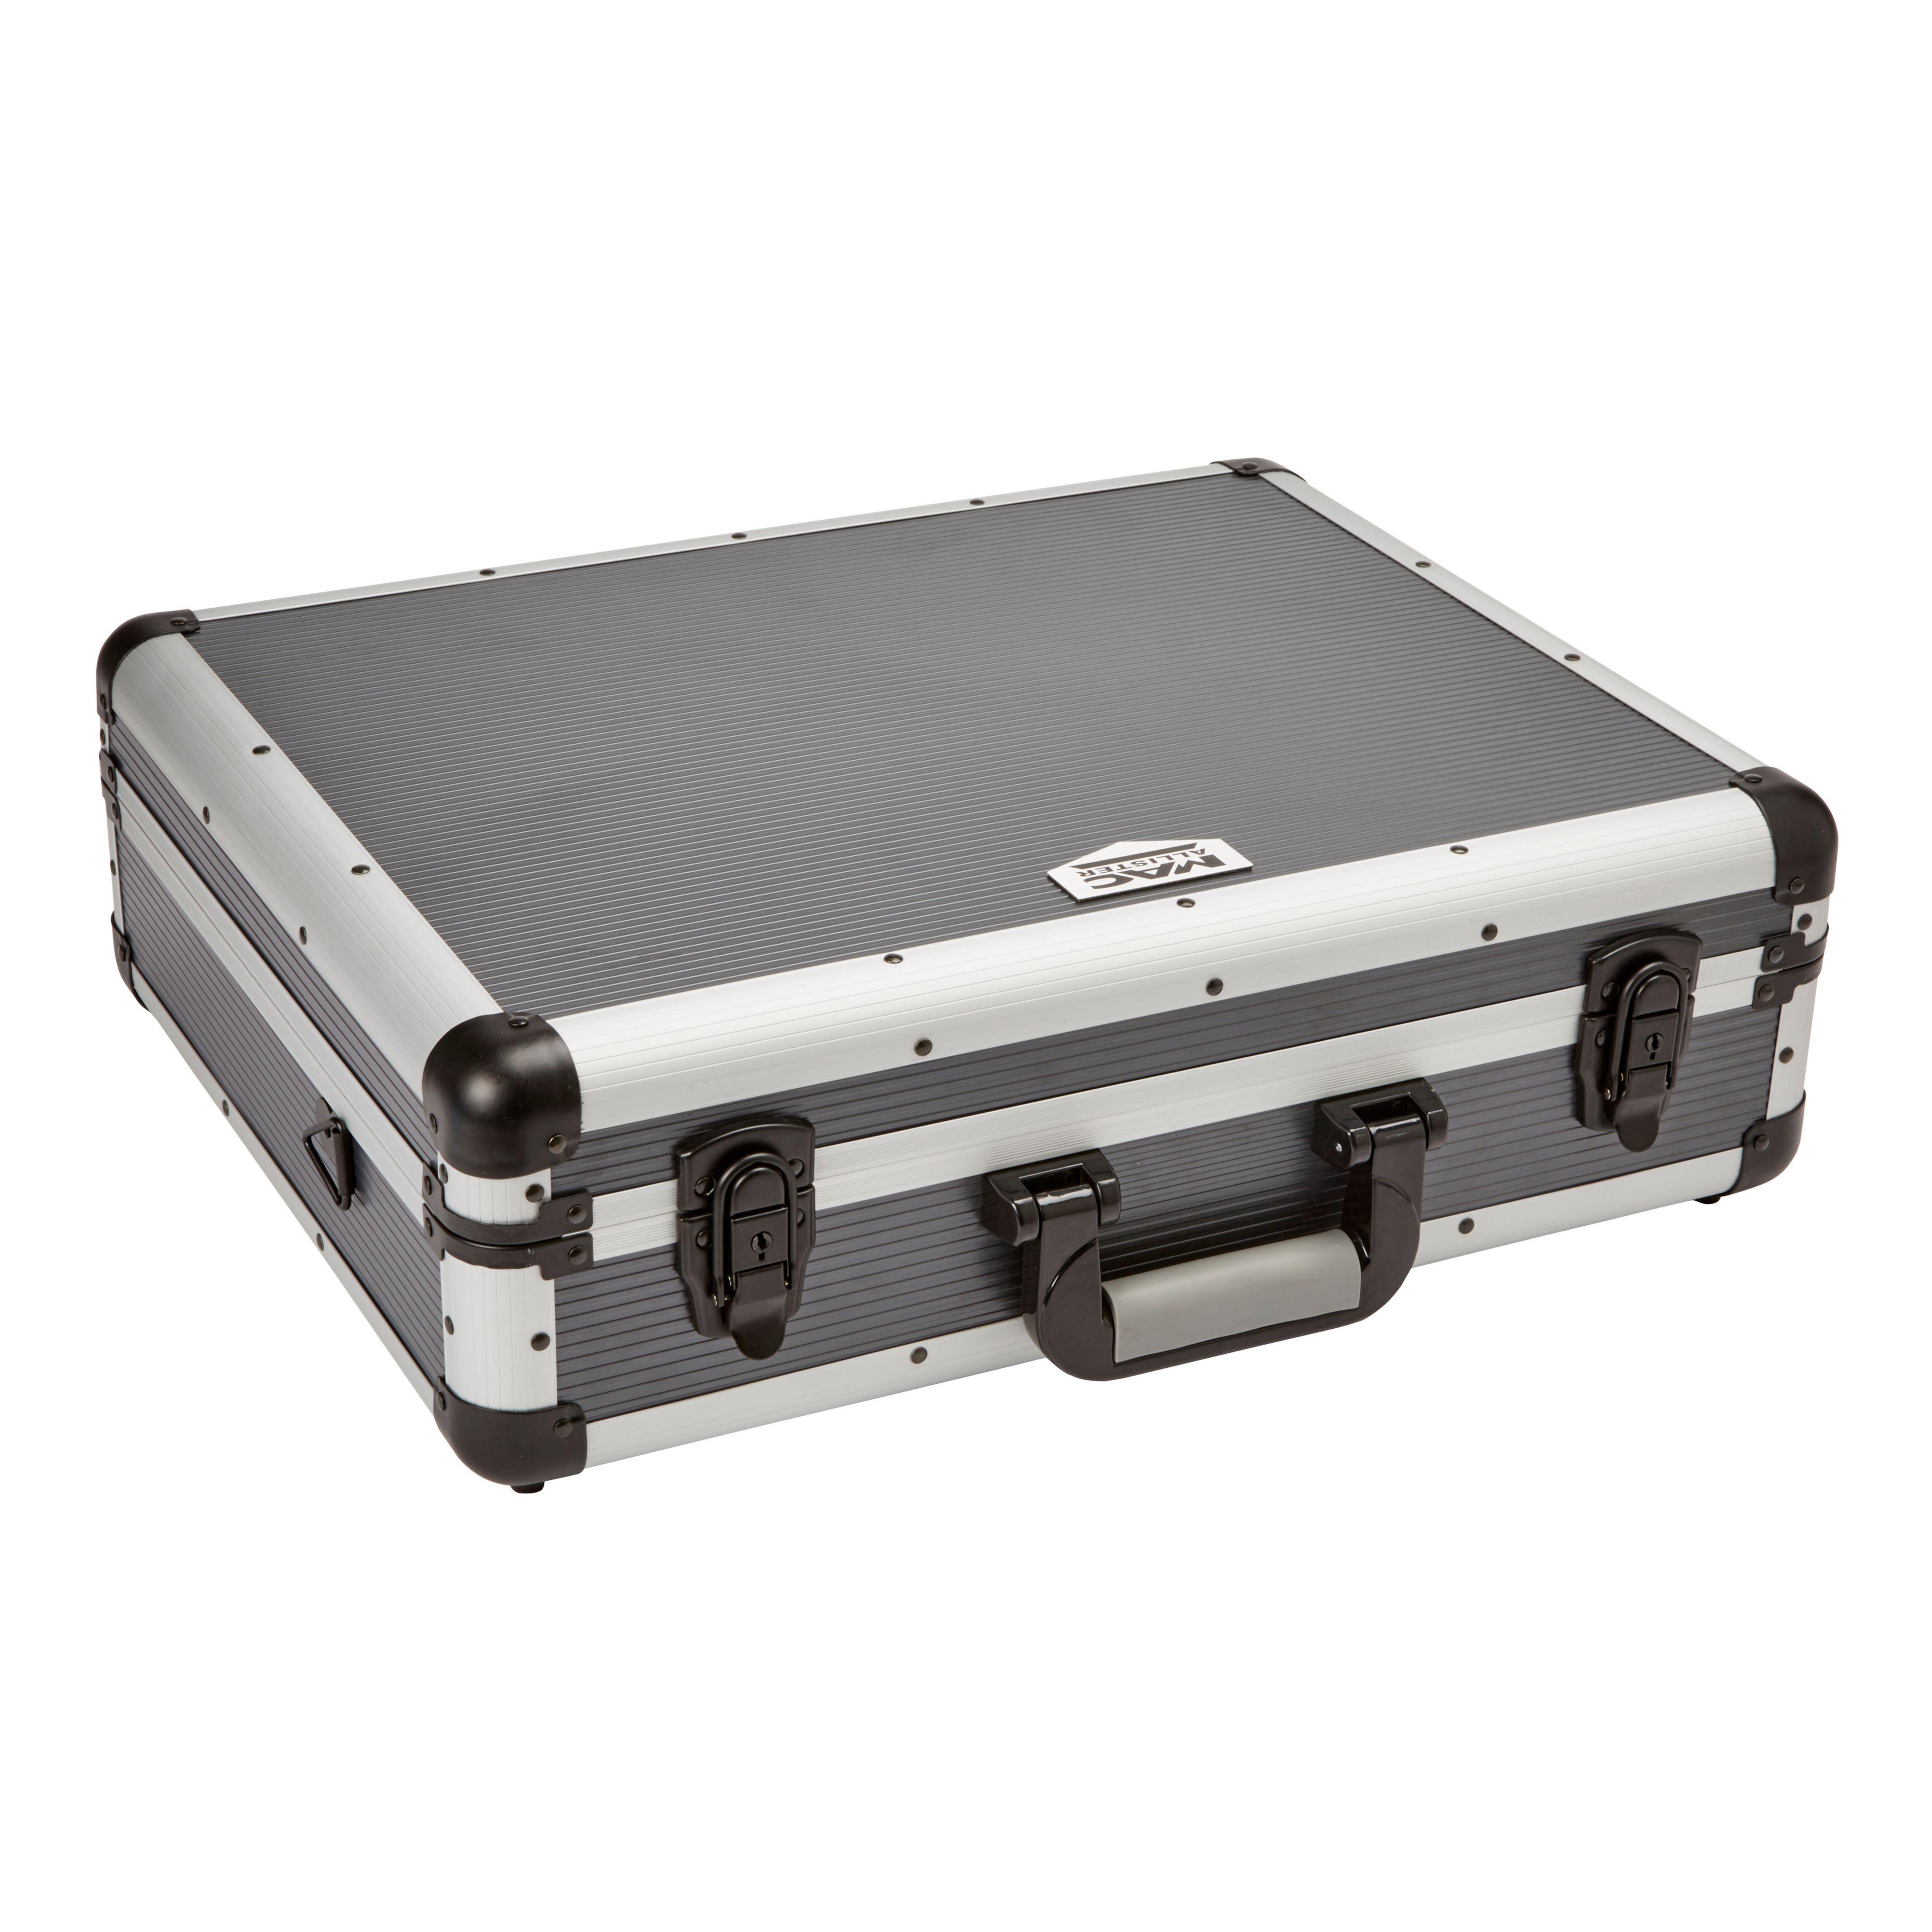 Mac Allister 20 Quot Tool Case Departments Diy At B Amp Q